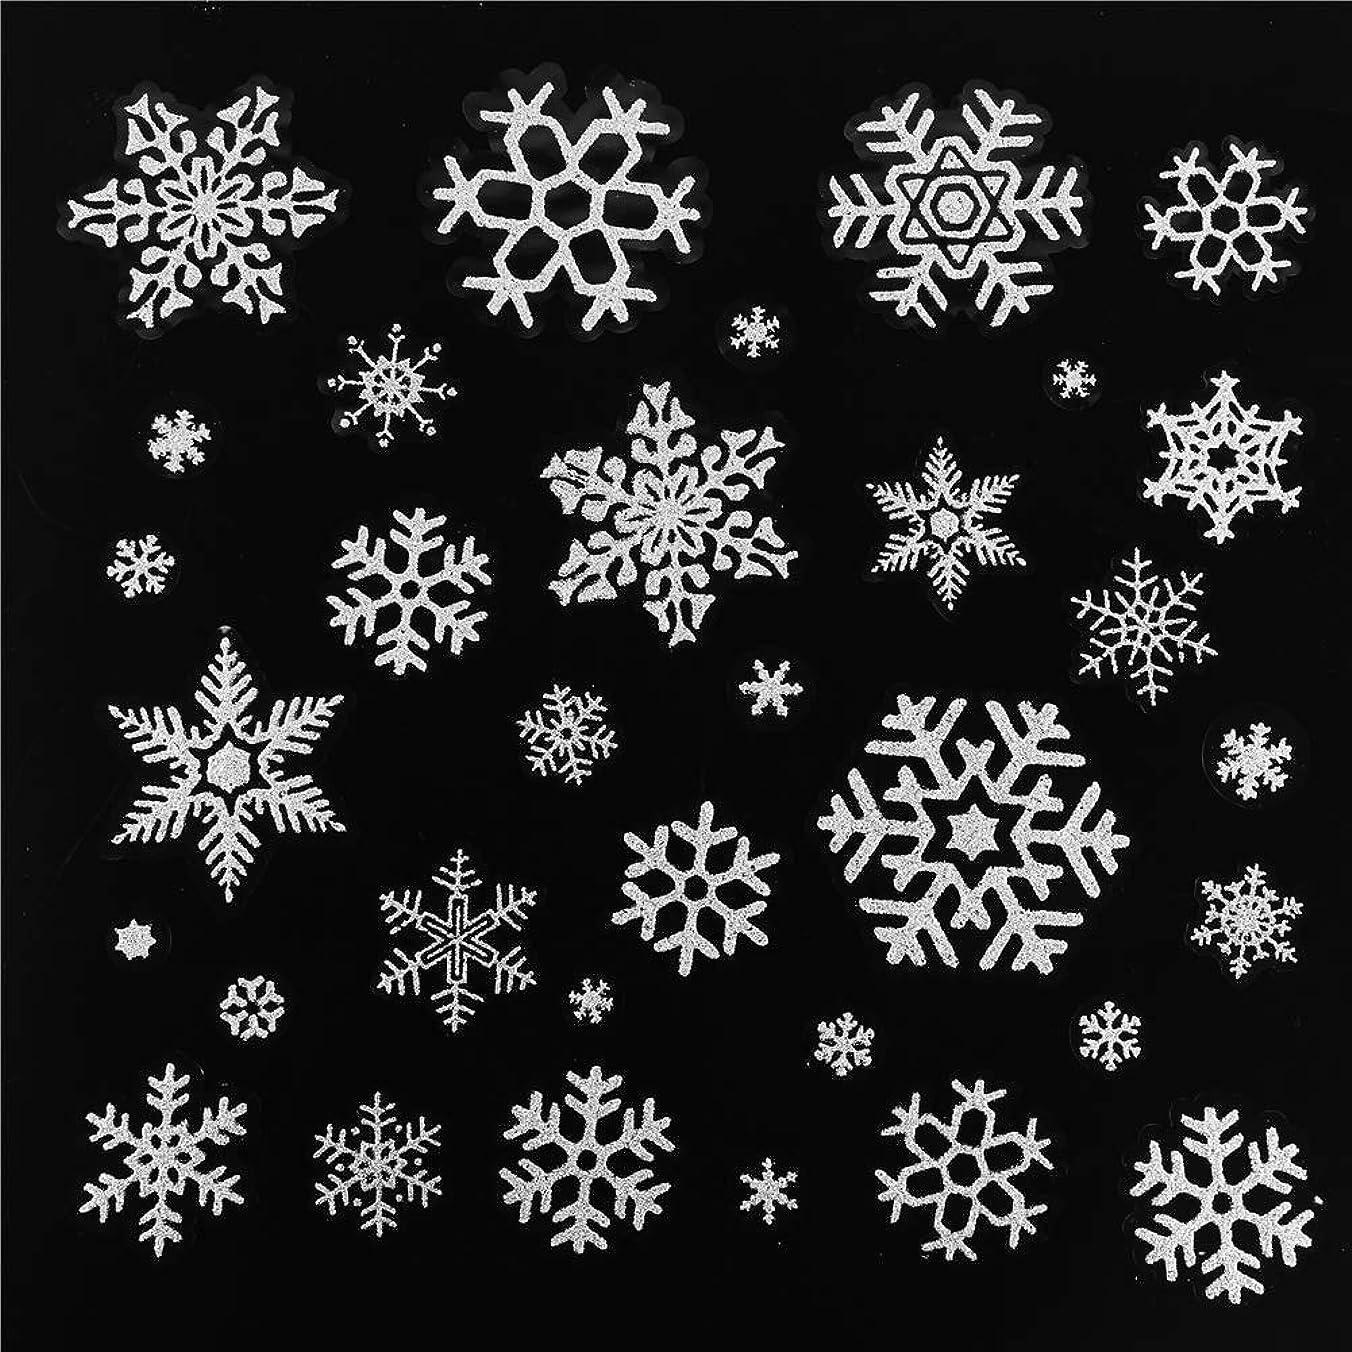 証拠恨みアシュリータファーマンLOKIPA クリスマス 飾り 静電ステッカー ホワイト オーナメント 6枚セット 剥がせる 汚れない ウォールステッカー 静電気シール 窓ステッカー 雪 スノーフレーク 壁飾り 小物 部屋 装飾品 インテリア (AR120)